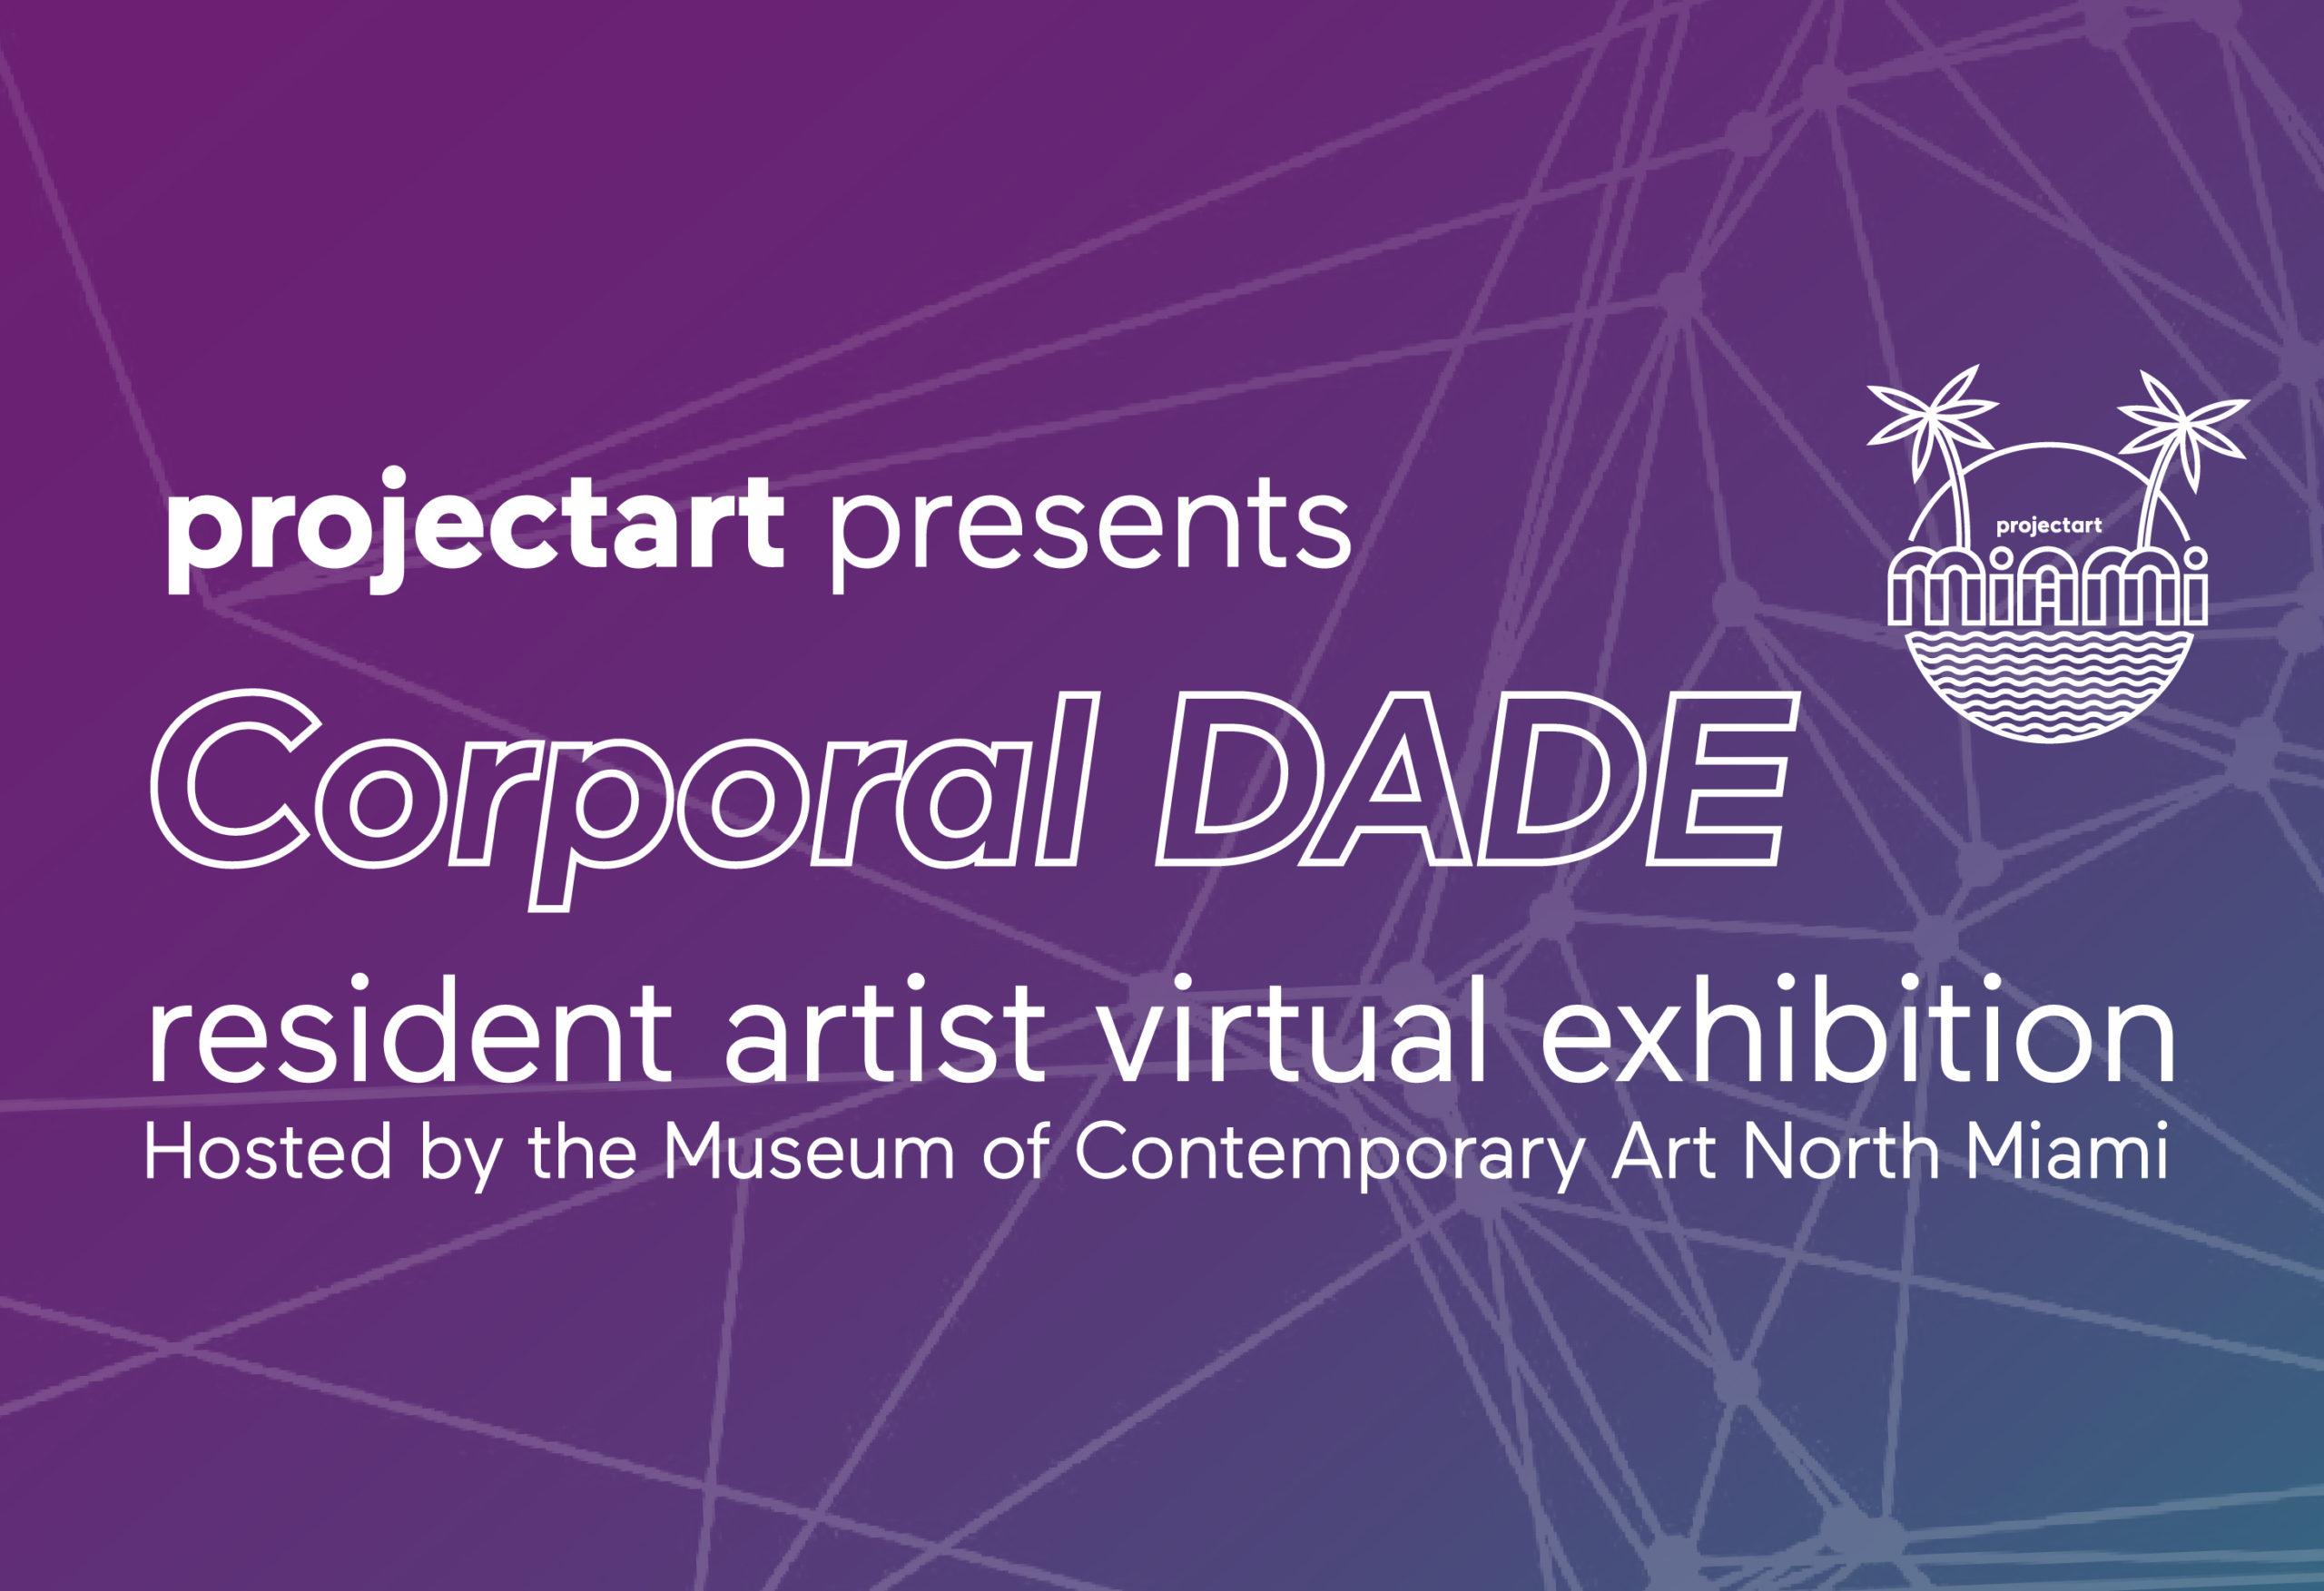 Digital exhibition: corporal dade